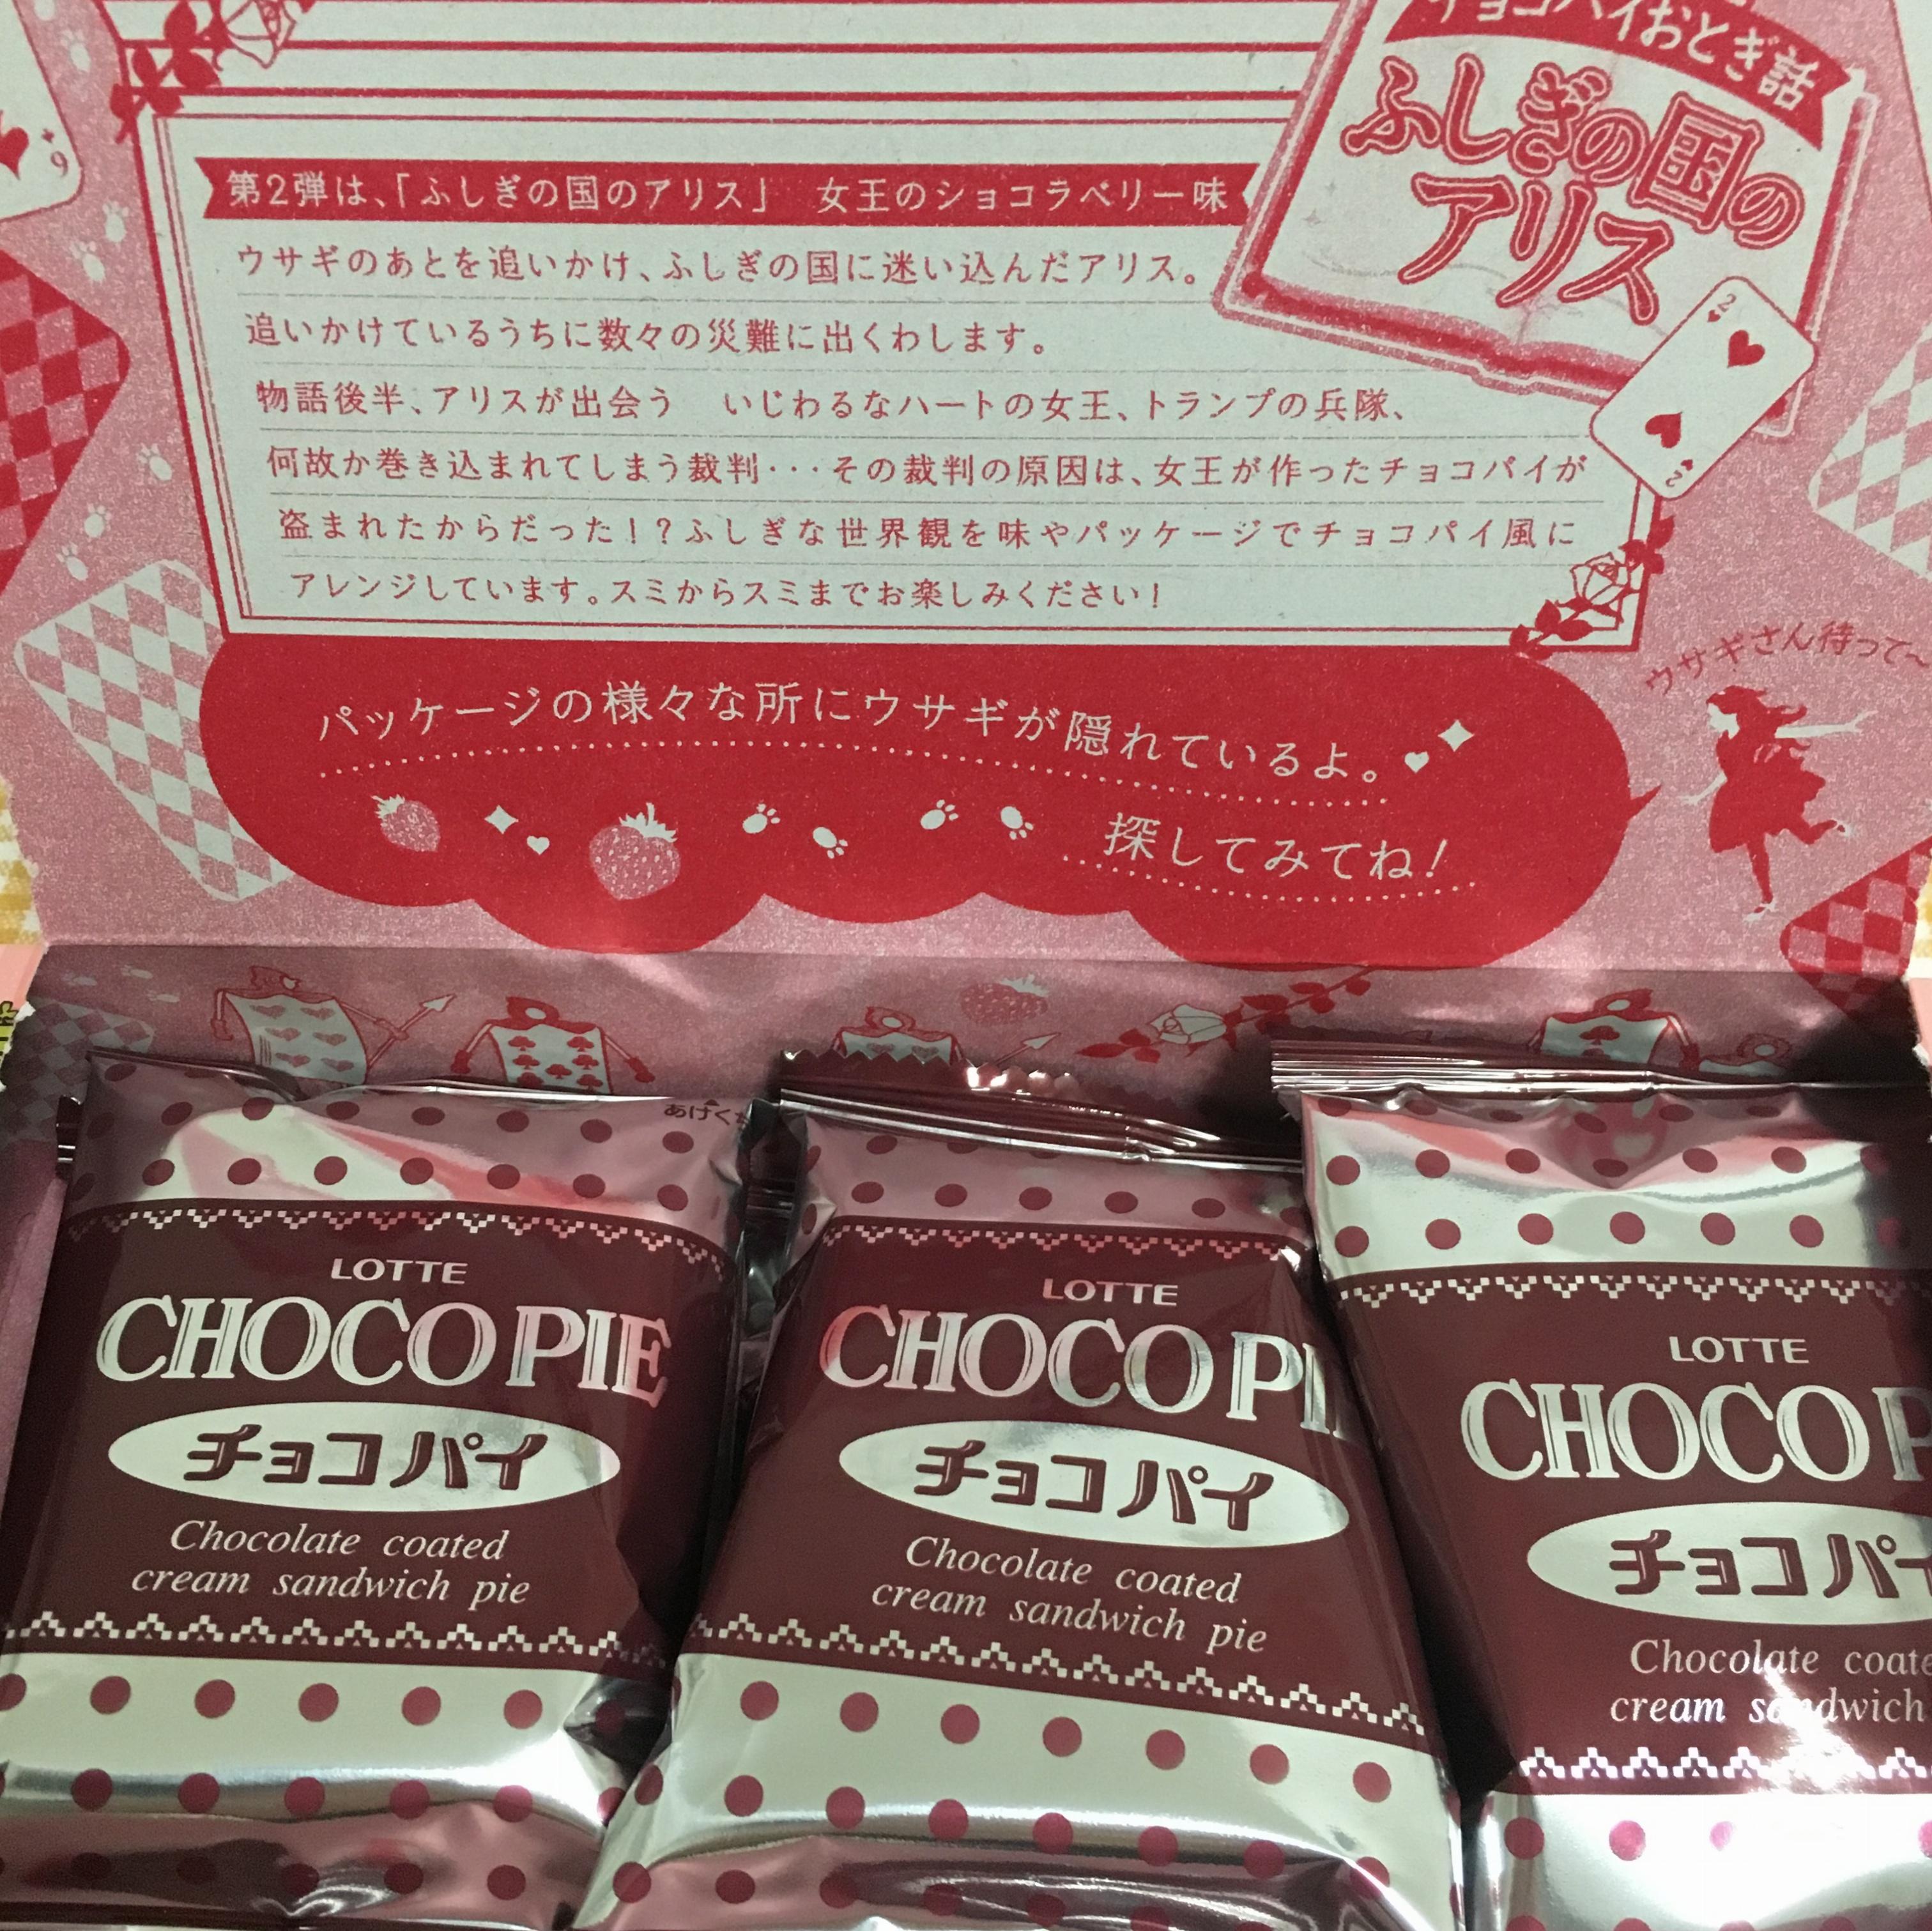 チョコパイのコラボが止まらないっ♡!!話題のチョコパイを食べ比べしちゃいました♡_4